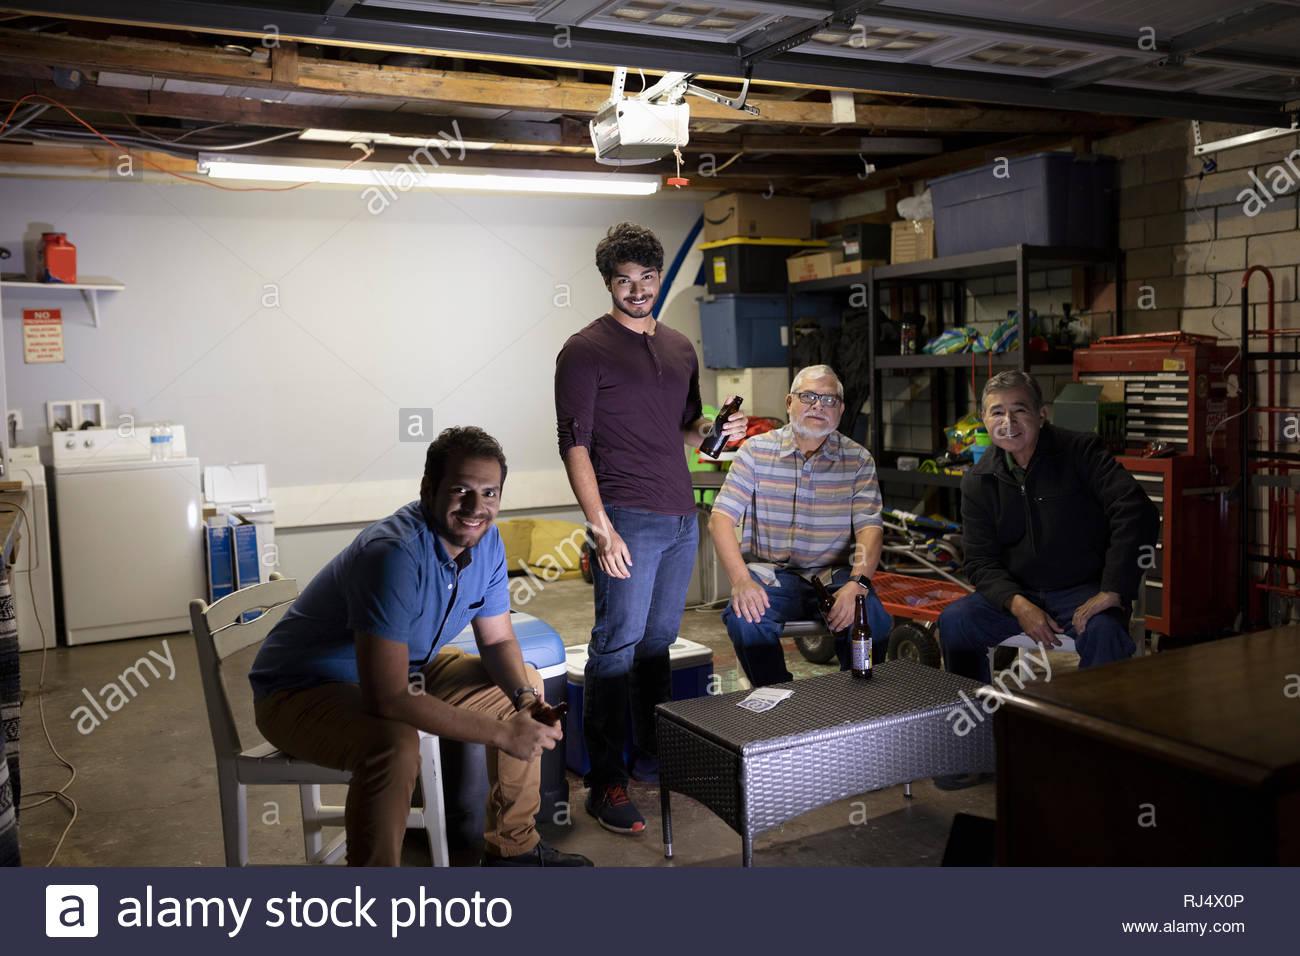 Retrato Latinx hombres viendo deportes en la televisión en el garaje Imagen De Stock